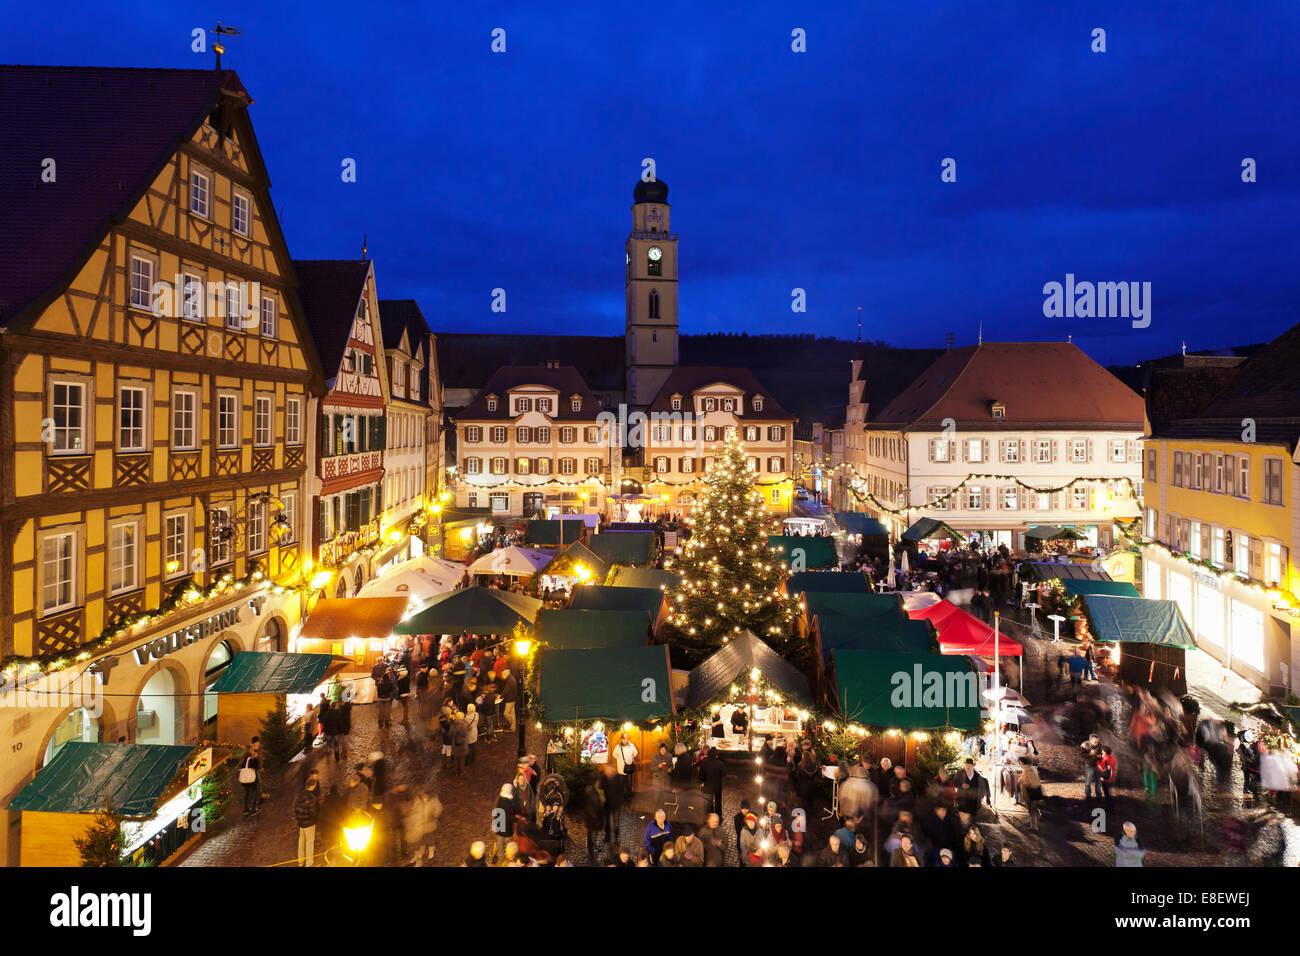 Baden Baden Weihnachtsmarkt 2021